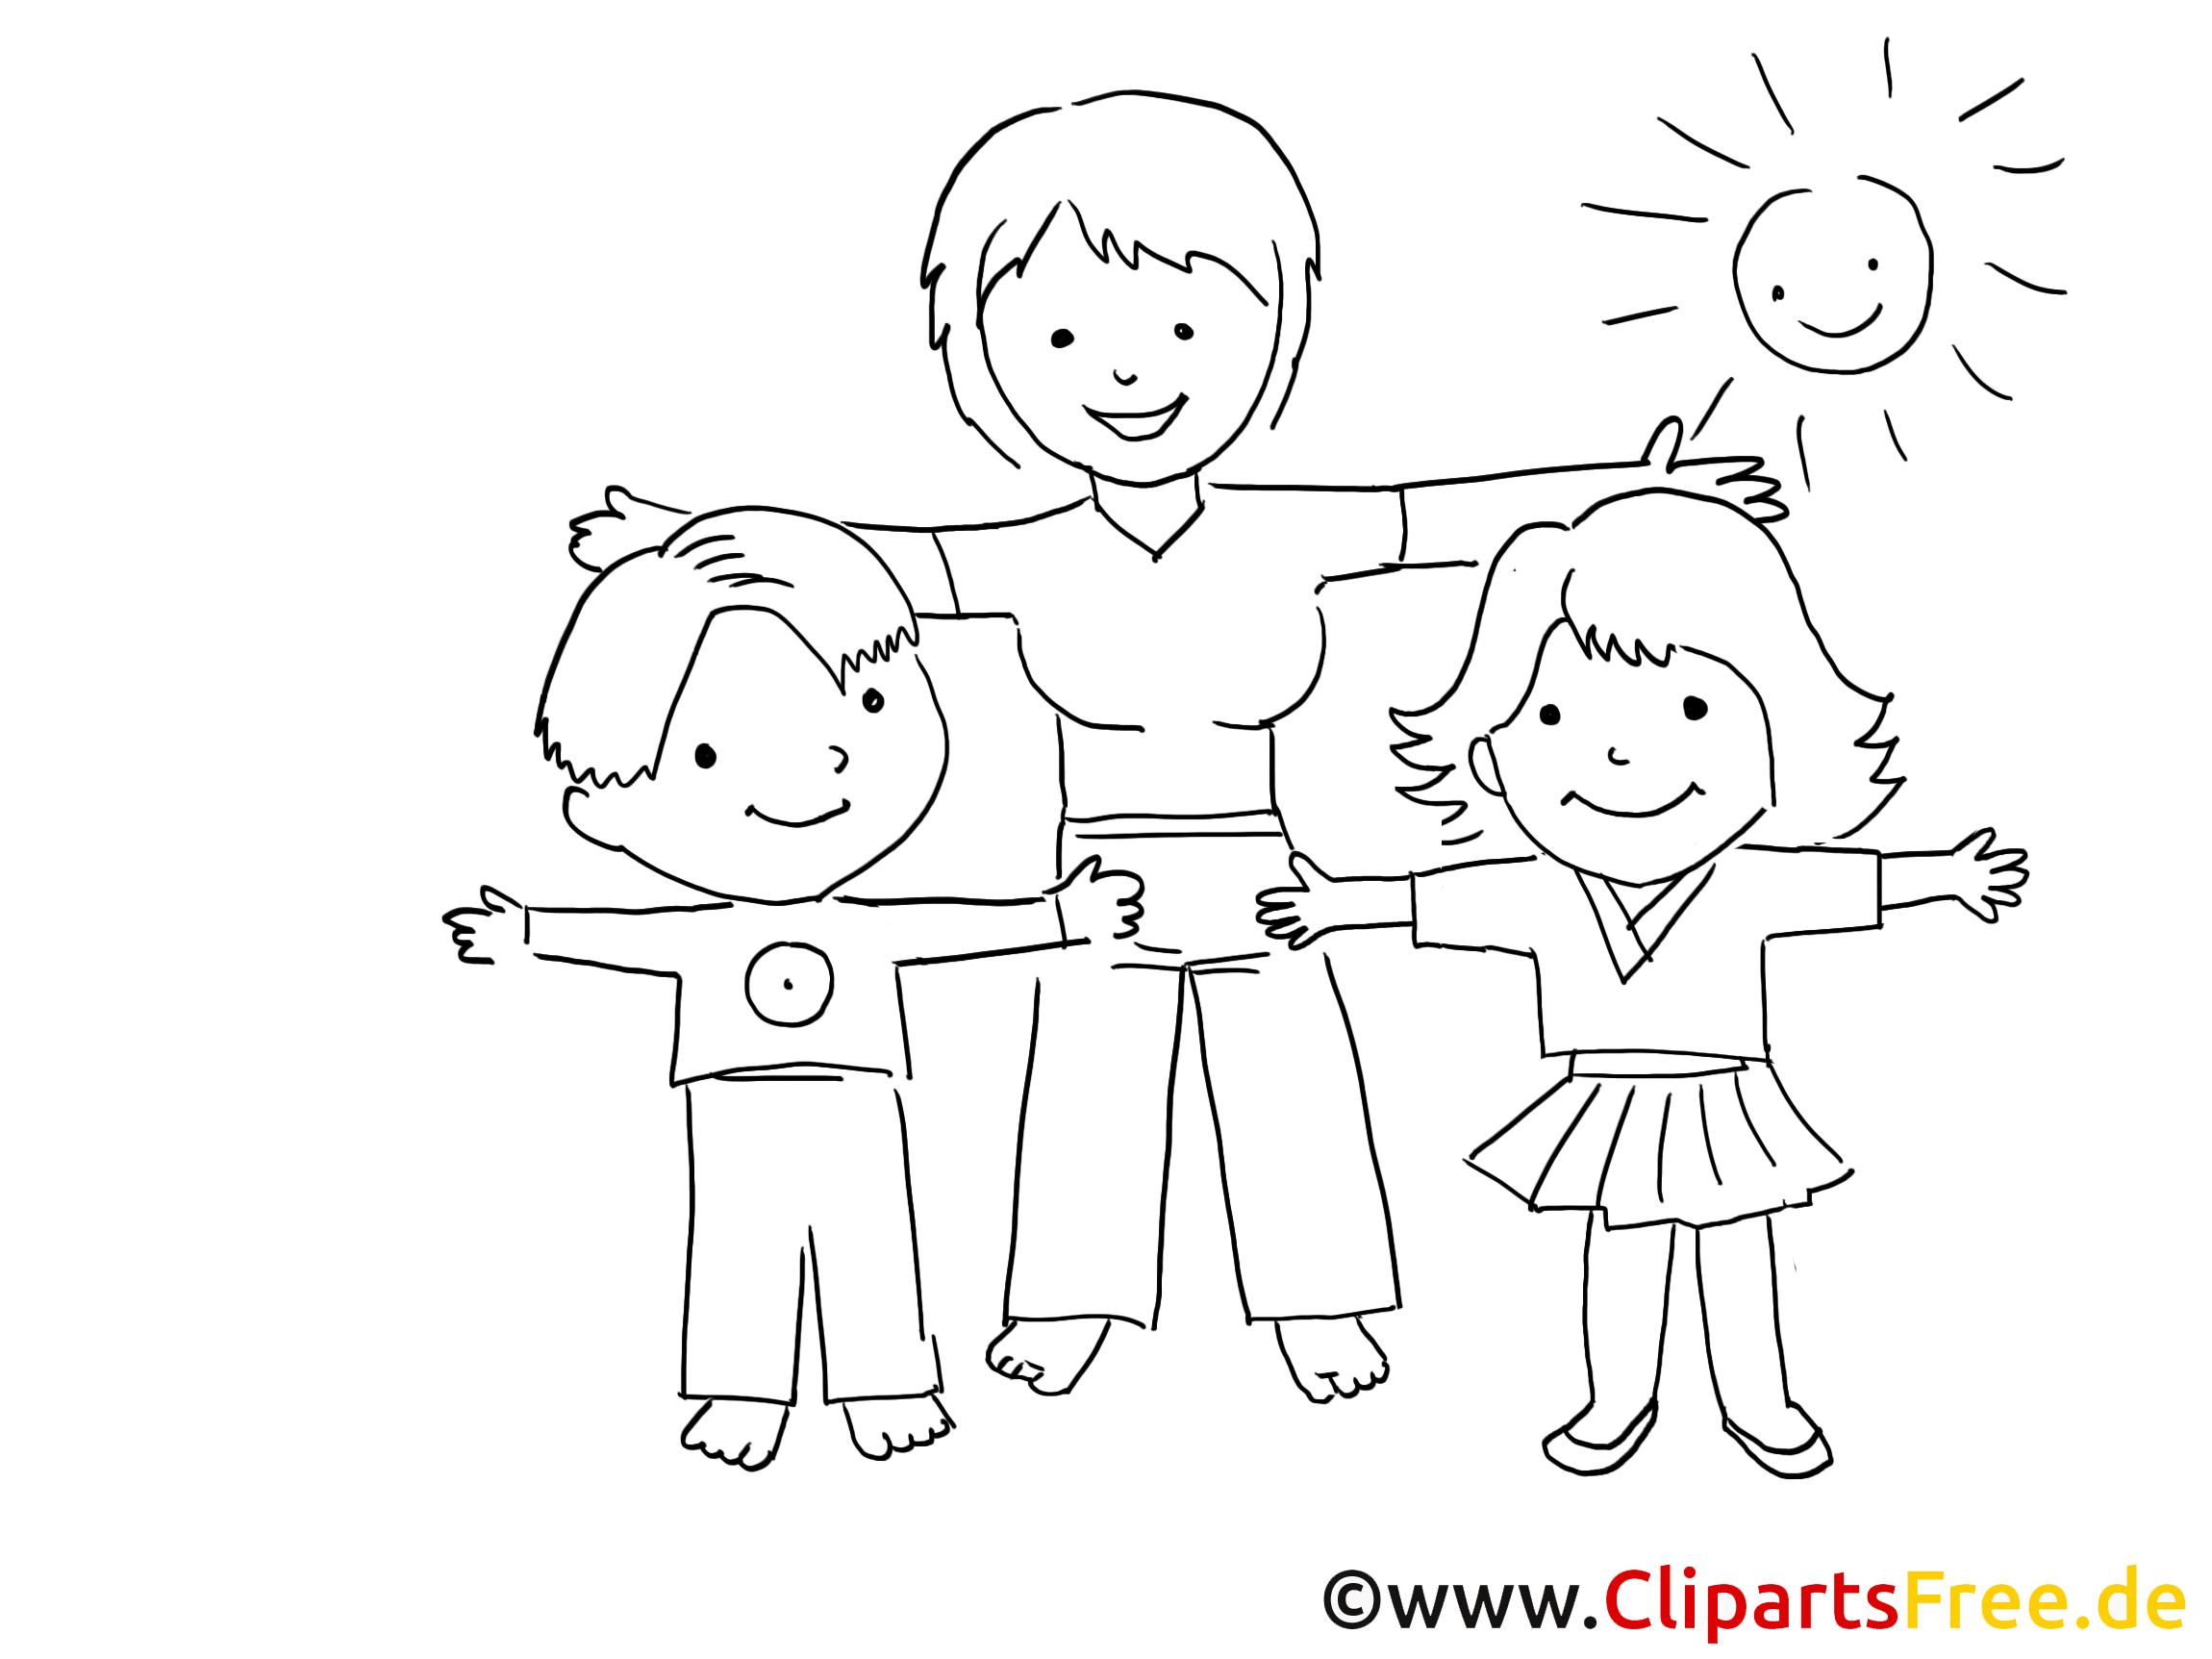 Groß Cartoon Kinder Bilder Ideen - Druckbare Malvorlagen - amaichi.info